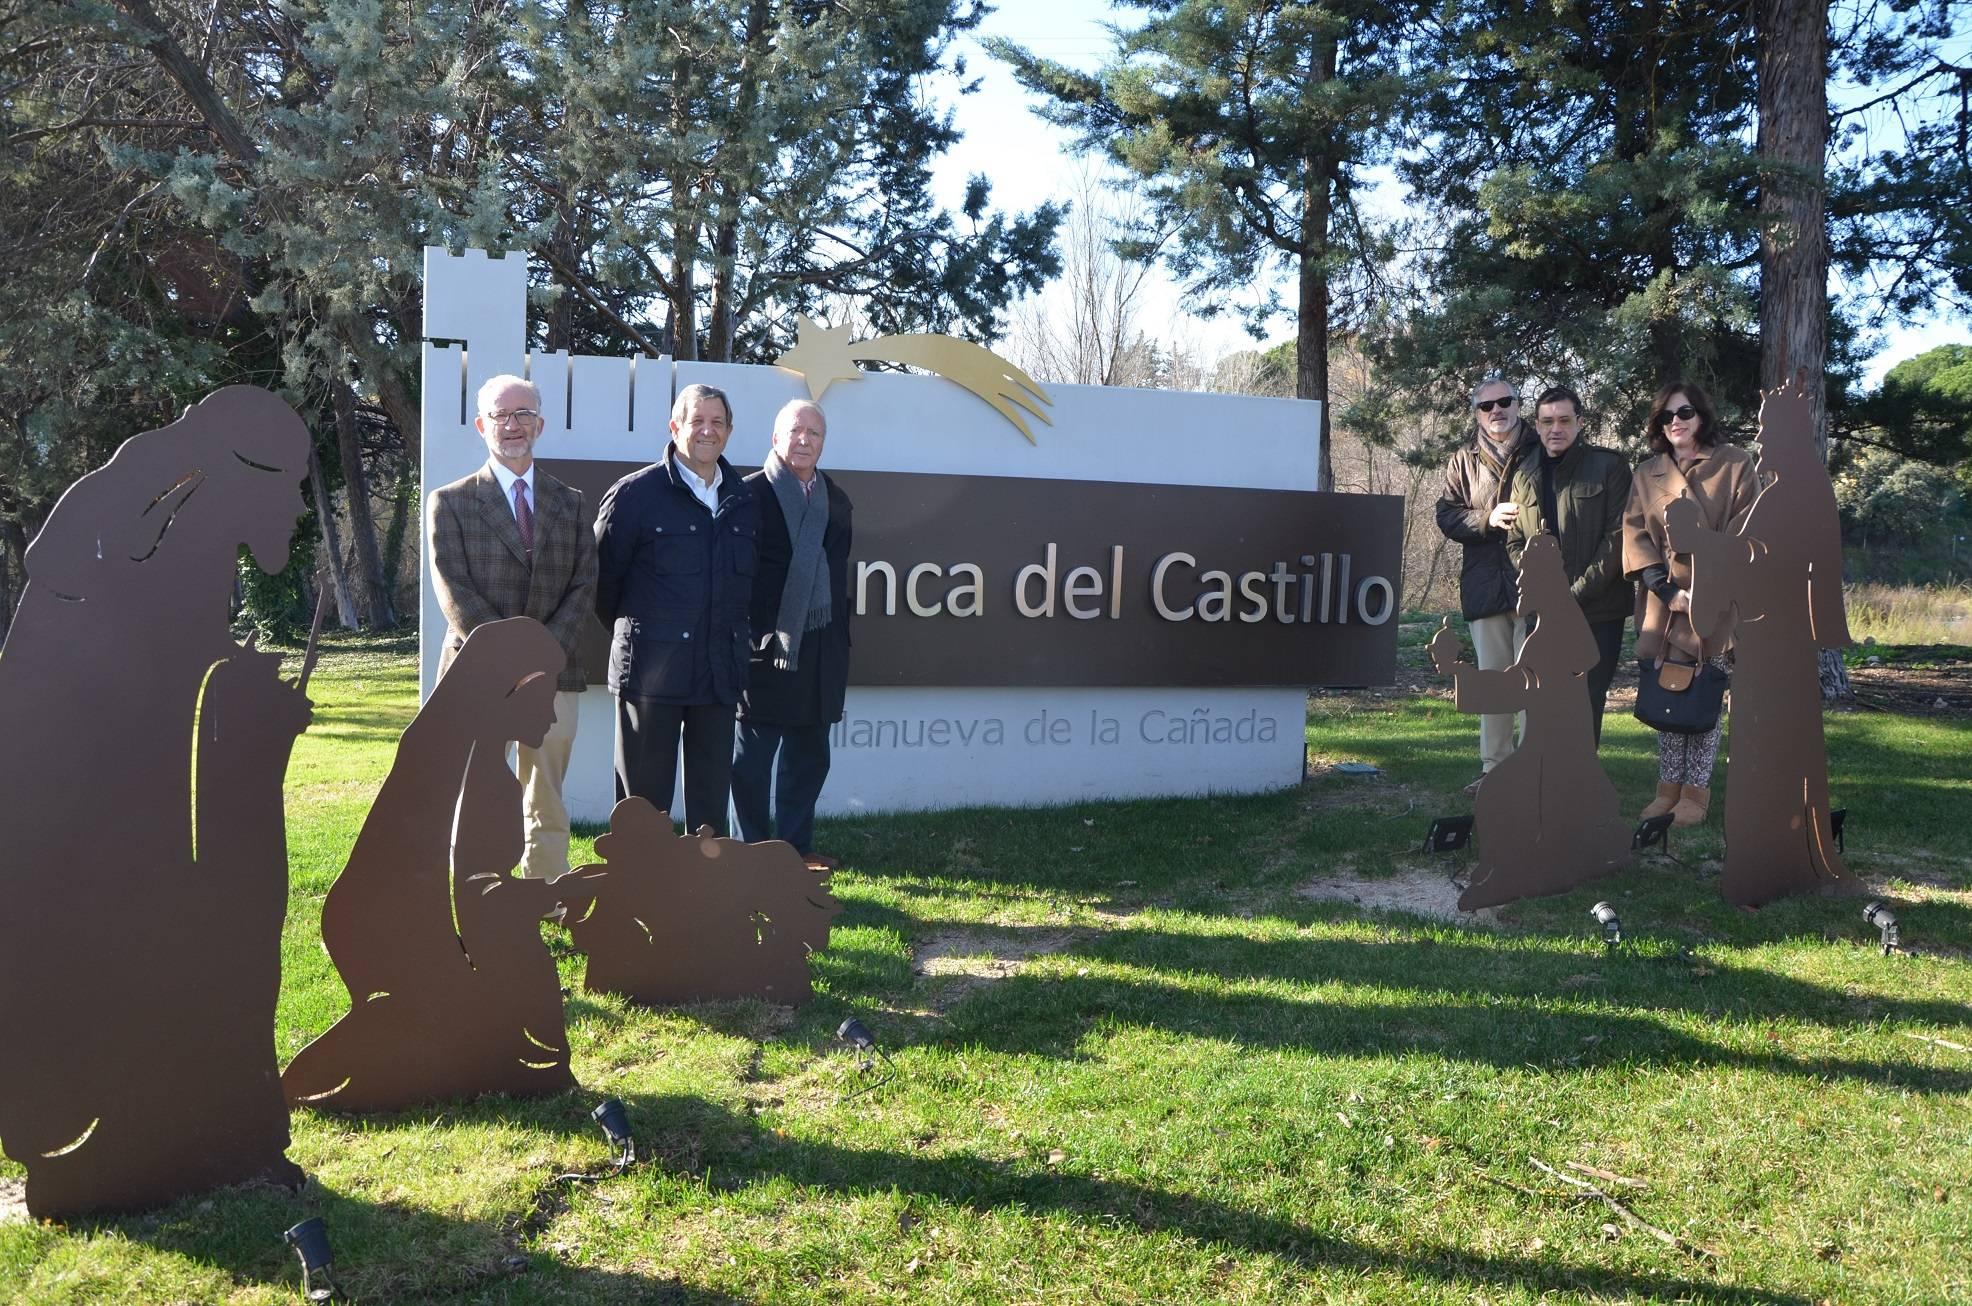 El alcalde, Luis Partida, y el concejal de Urbanizaciones, Manuel Ayora, junto al diseñador del nacimiento y miembros de la comunidad de propietarios de la urbanización.